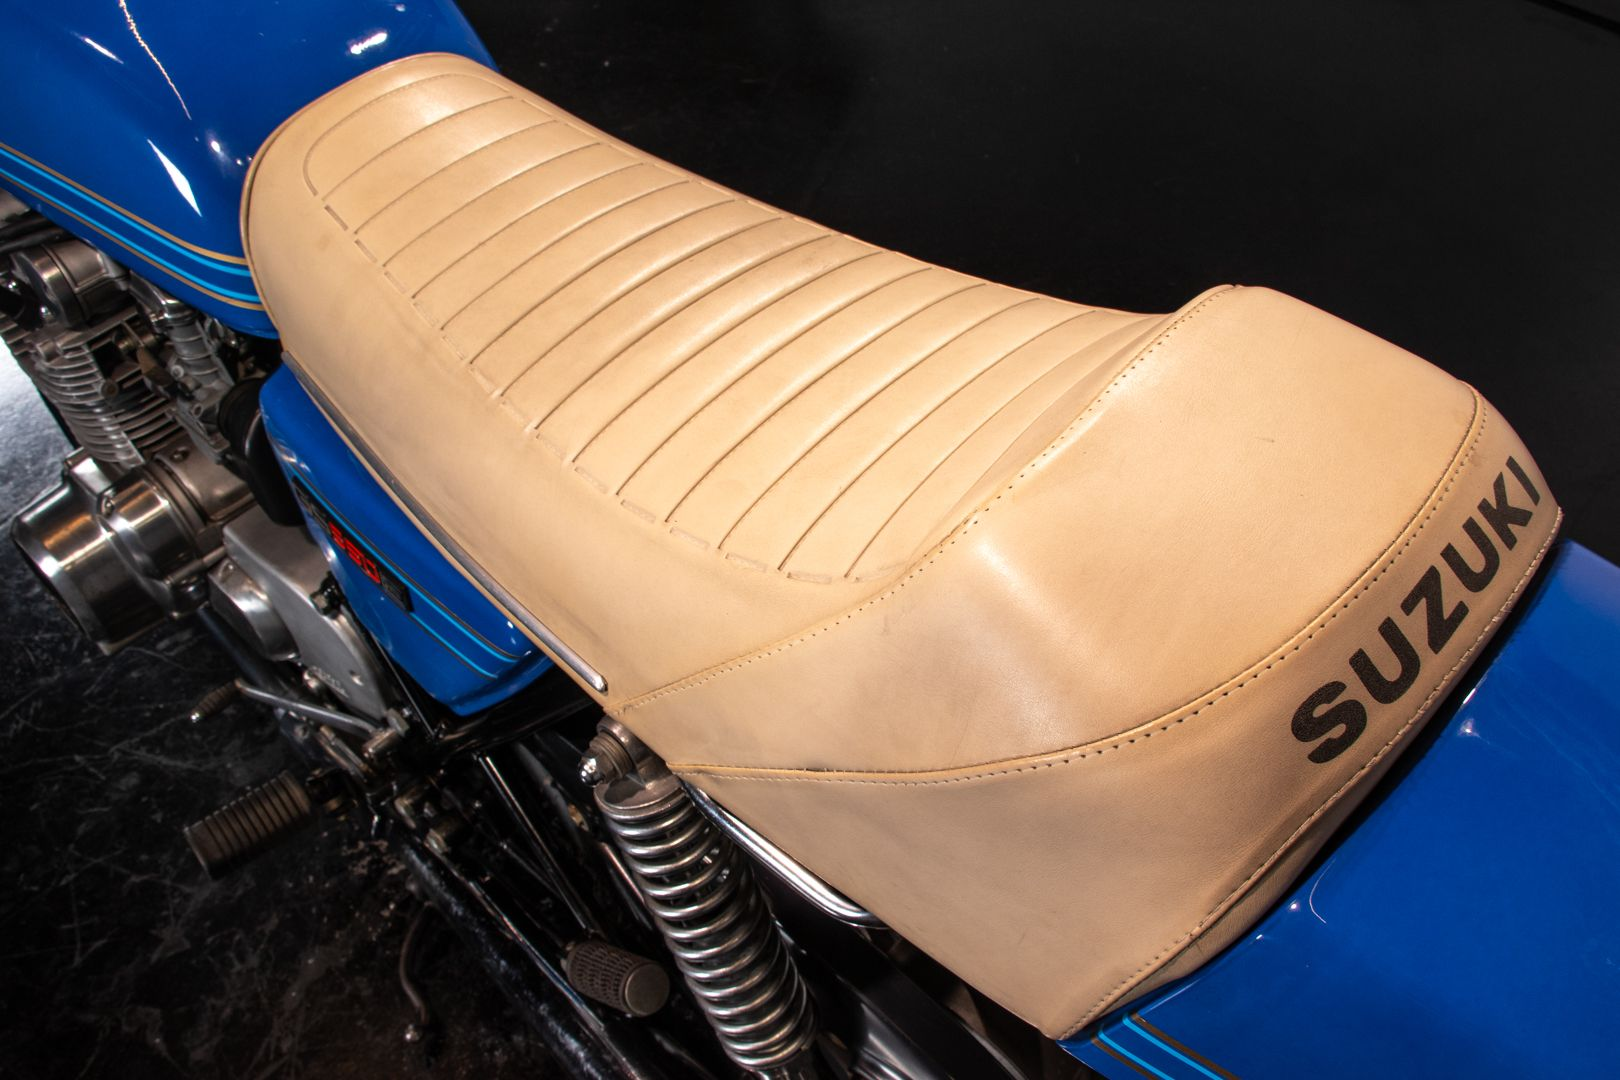 1979 Suzuki GS 550 E 73425